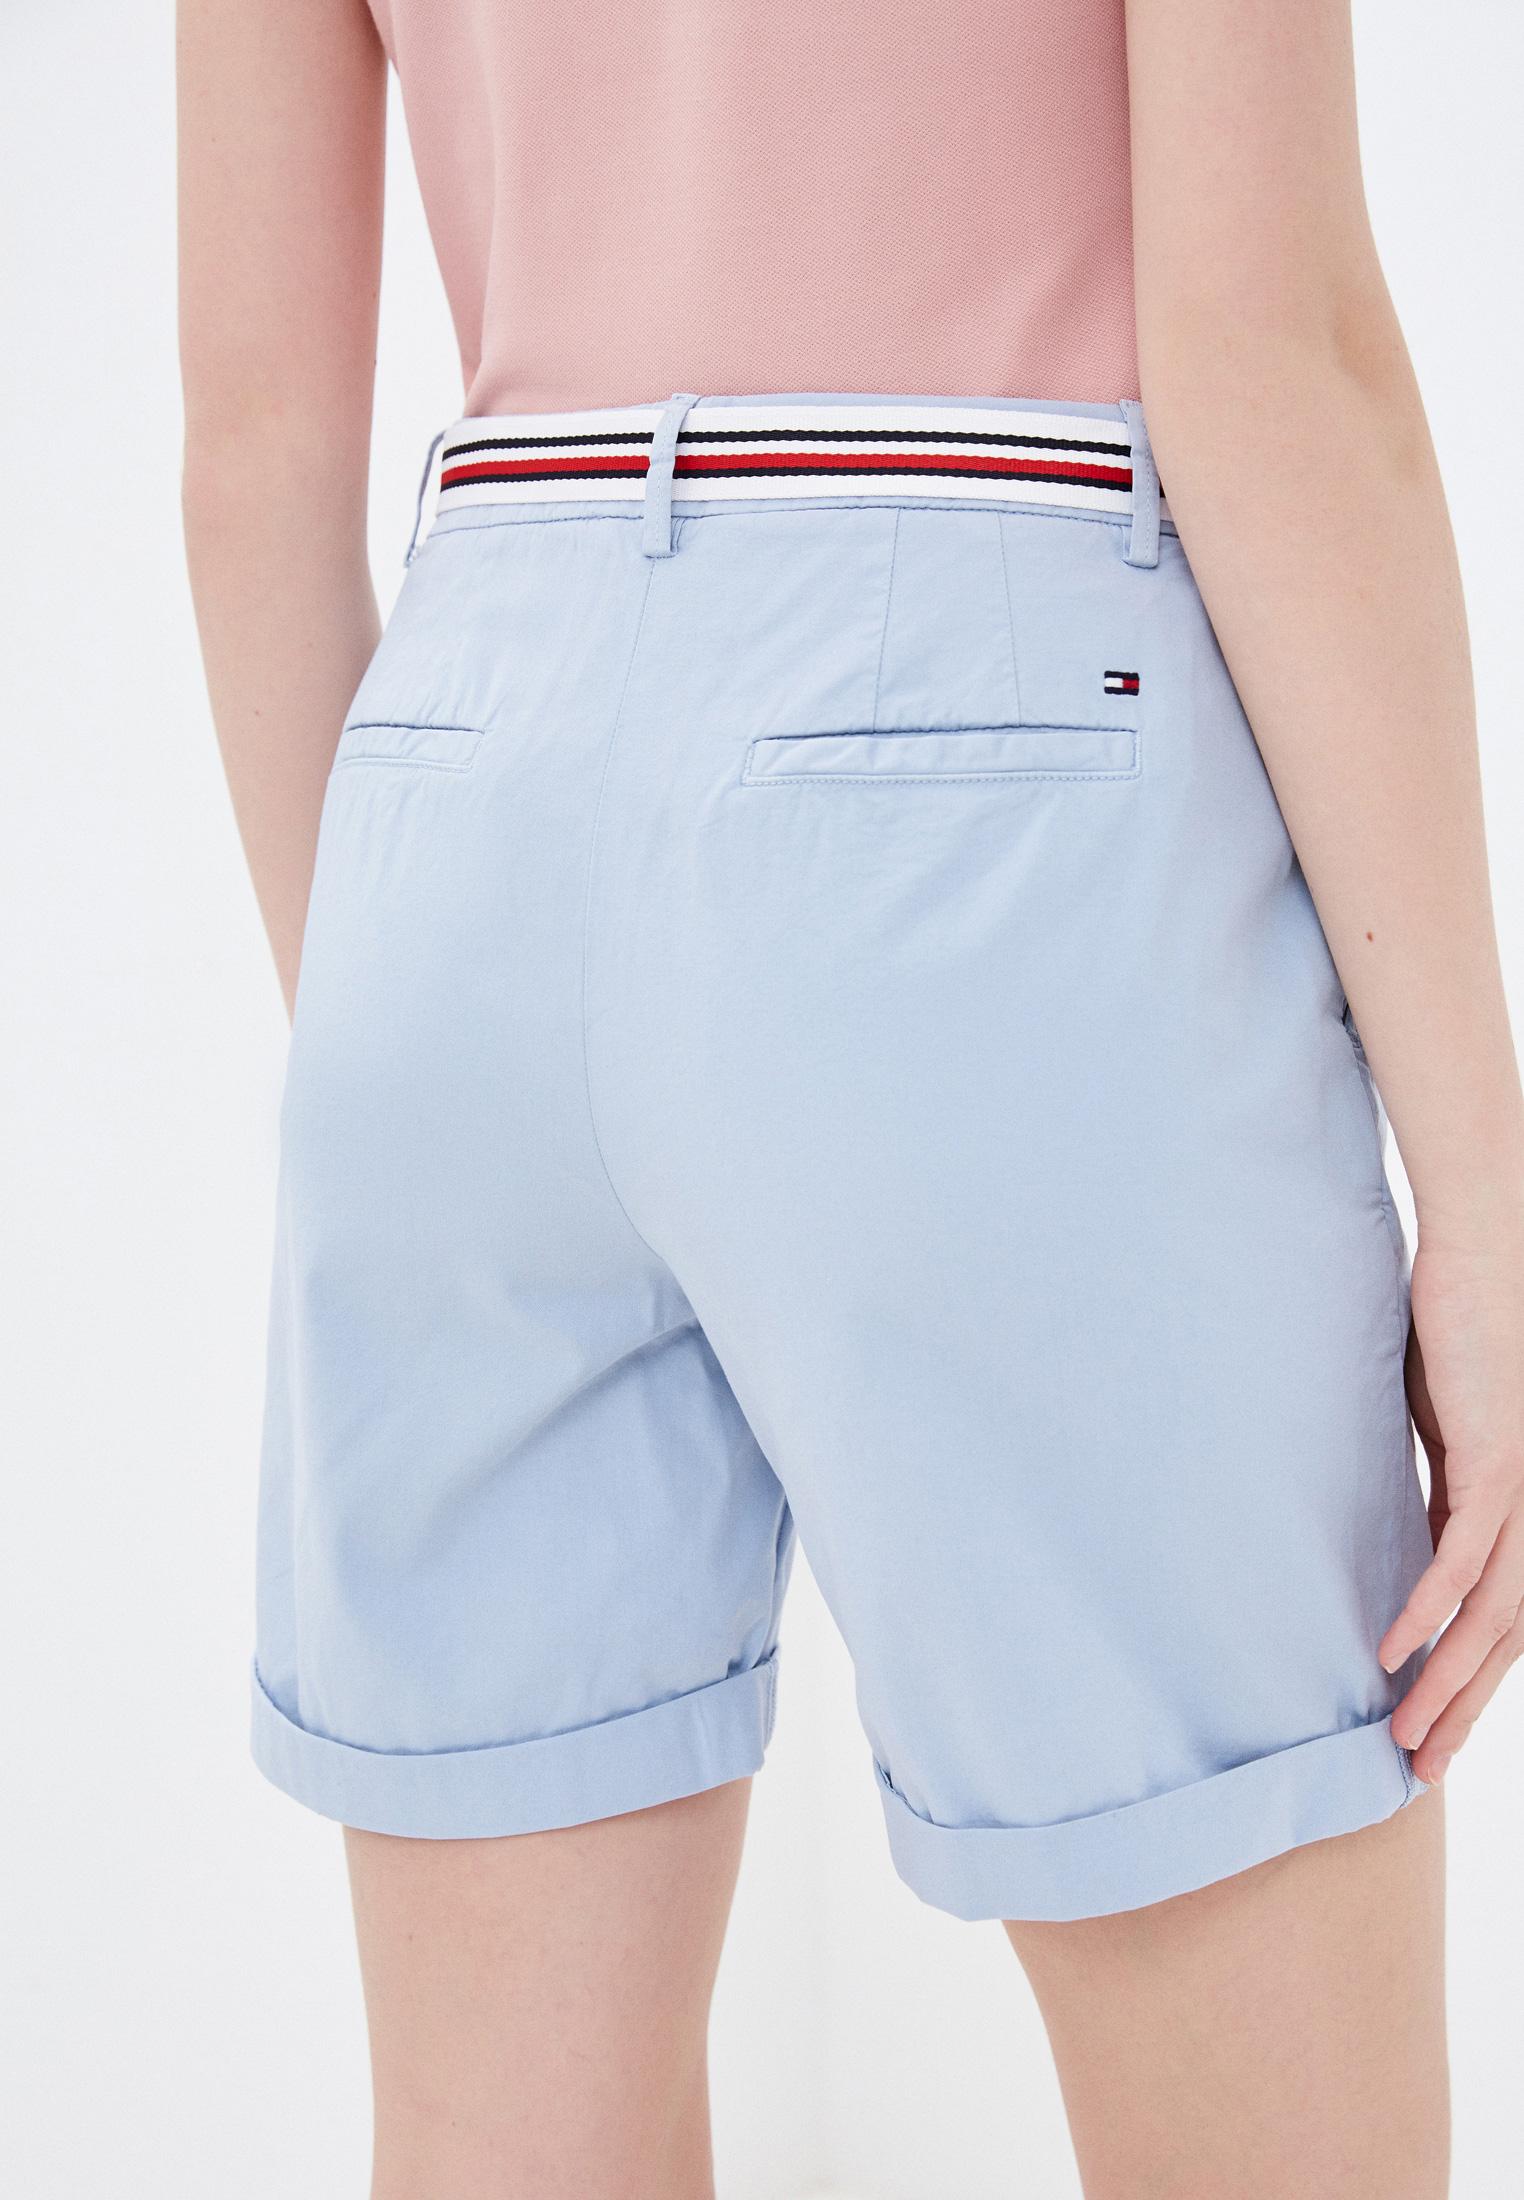 Женские повседневные шорты Tommy Hilfiger (Томми Хилфигер) WW0WW30482: изображение 3